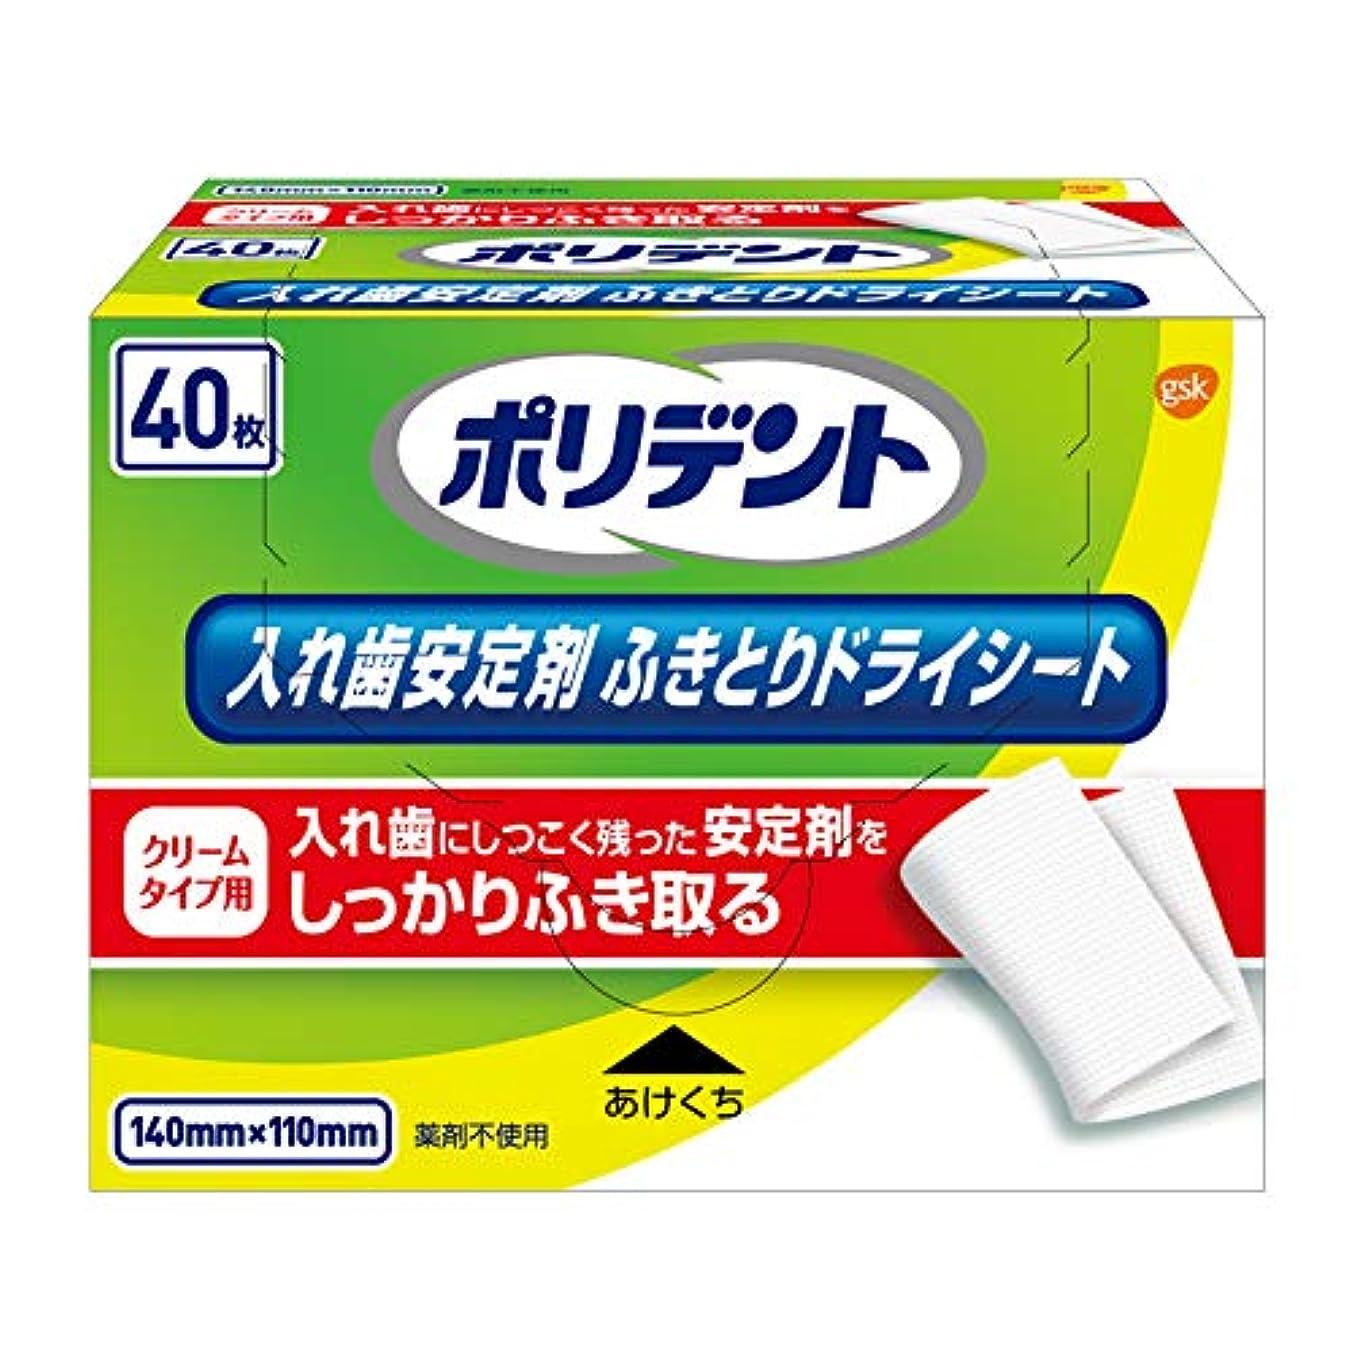 最も早い版キャンセルポリデント 入れ歯安定剤ふきとりドライシート 40枚